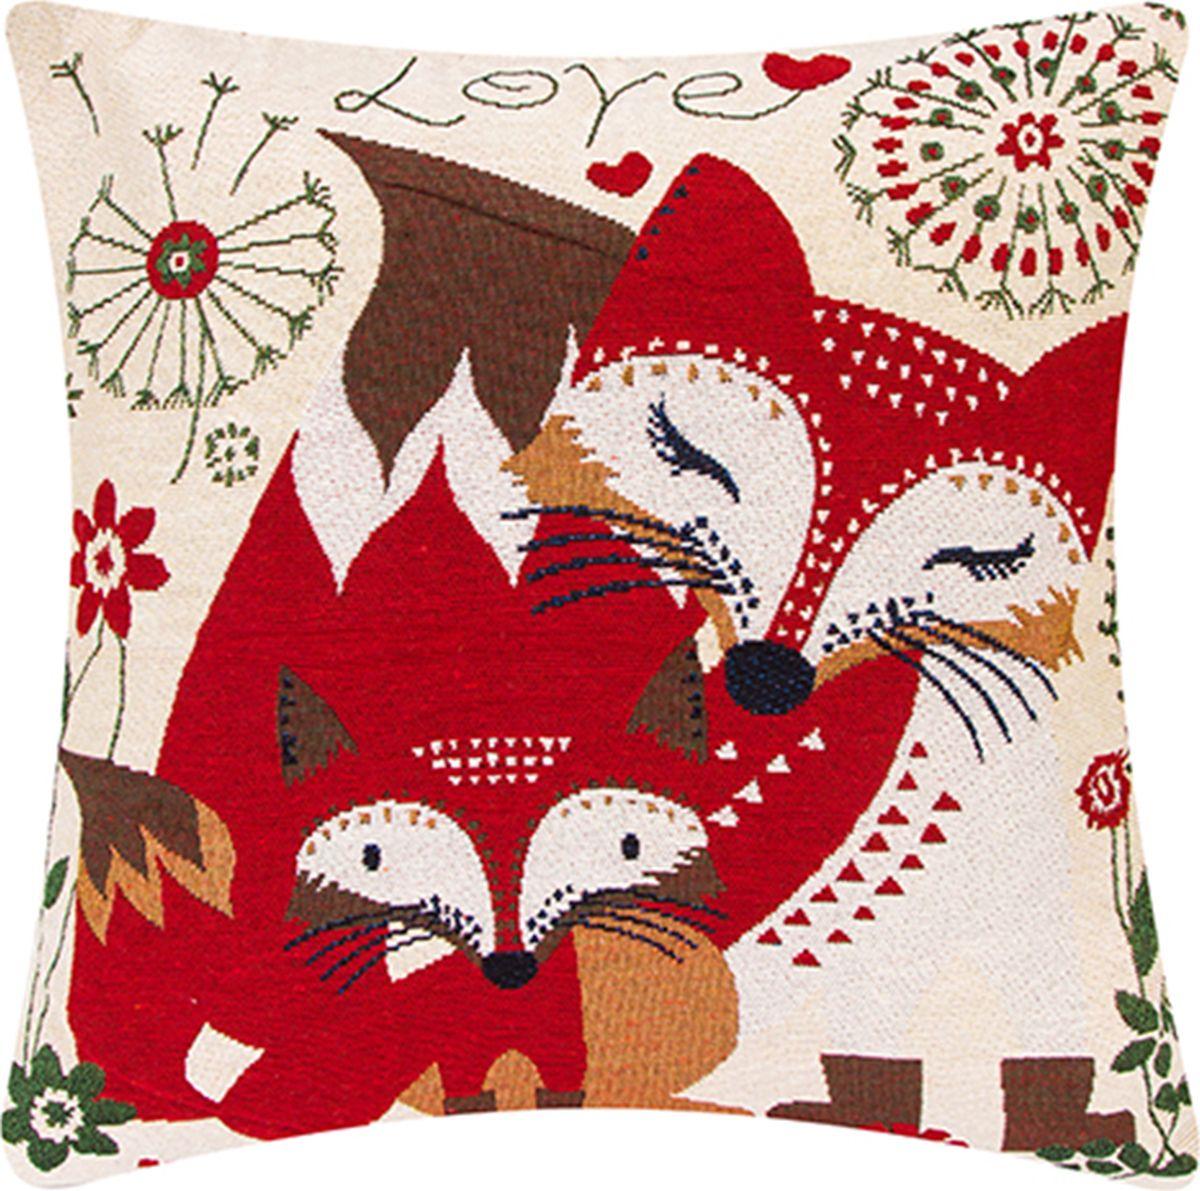 Подушка декоративная EL Casa Лиса с лисенком, цвет: красный, 43 x 43 см. 171693171693Декоративная подушка прекрасно дополнит интерьер спальни или гостиной. Состав наволочки: лен -50%, полиэстер-50%. Она легко снимается, благодаря молнии. Внутри подушки находится мягкий наполнитель.